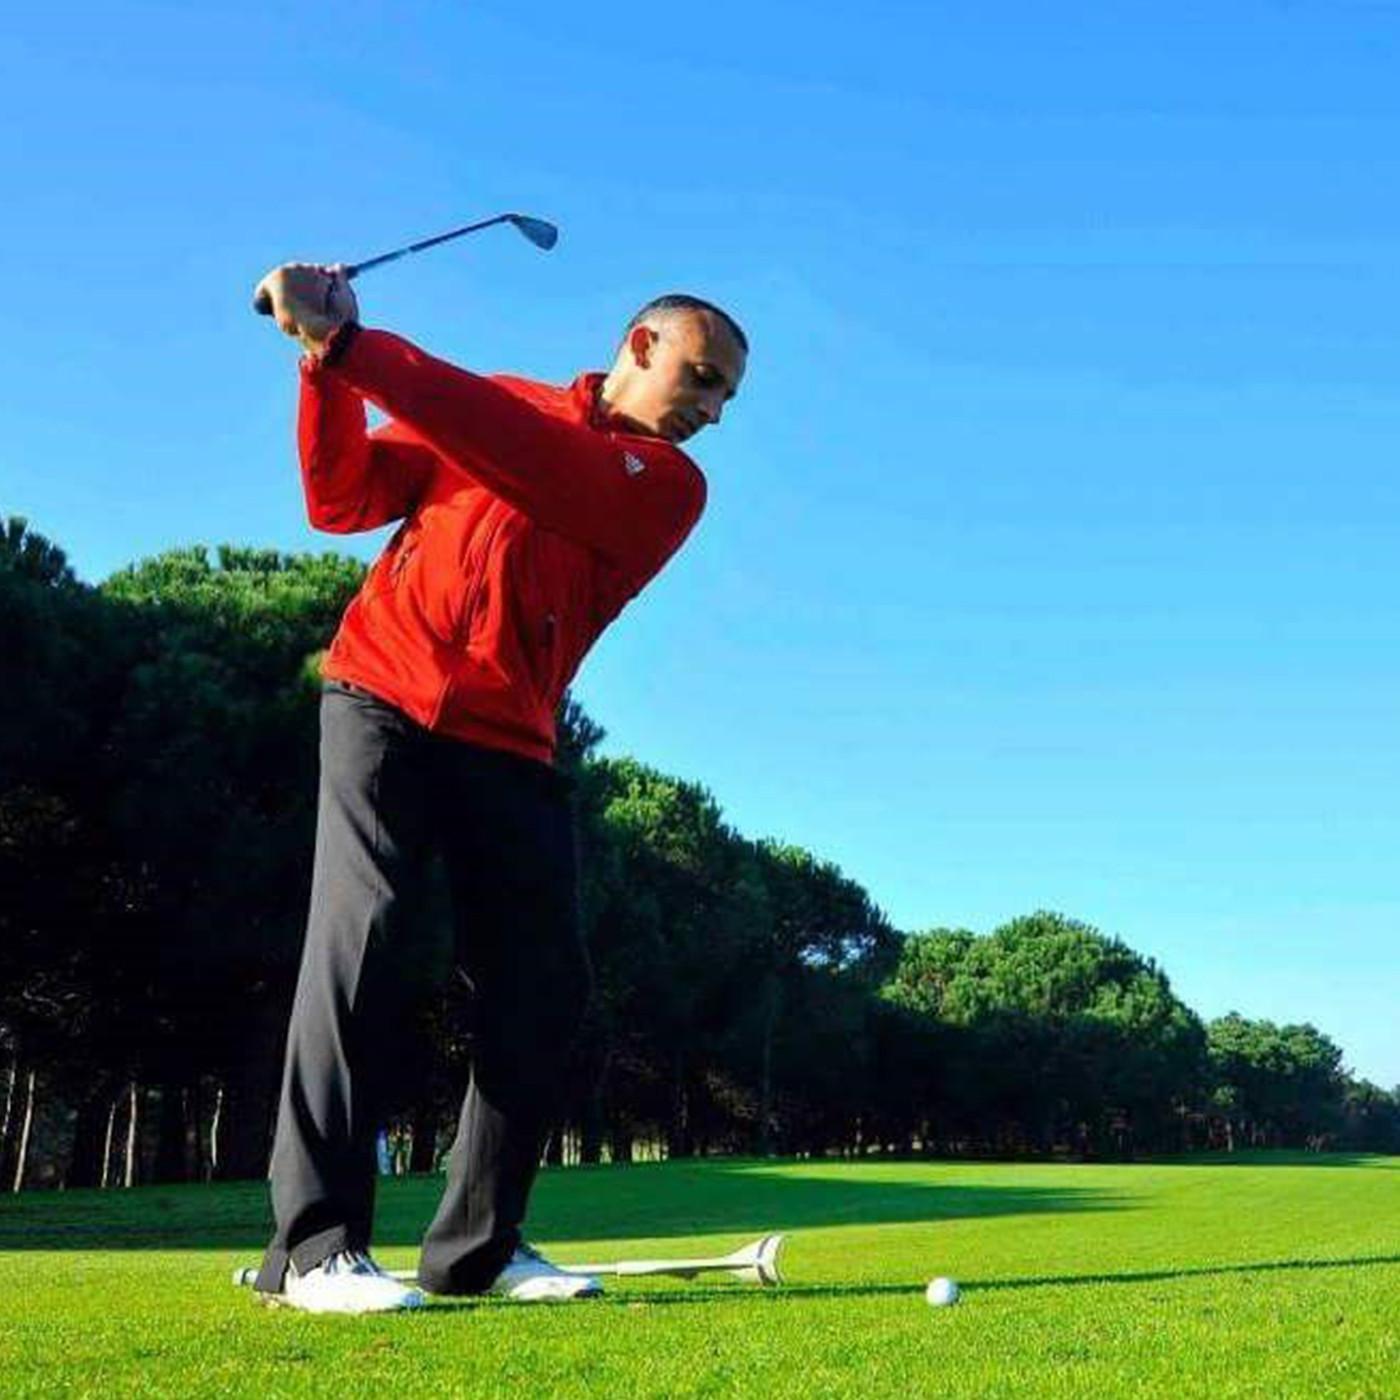 Mehmet Kazan - Türkiye'nin İlk ve Tek Bedensel Engelli Golf Sporcusu